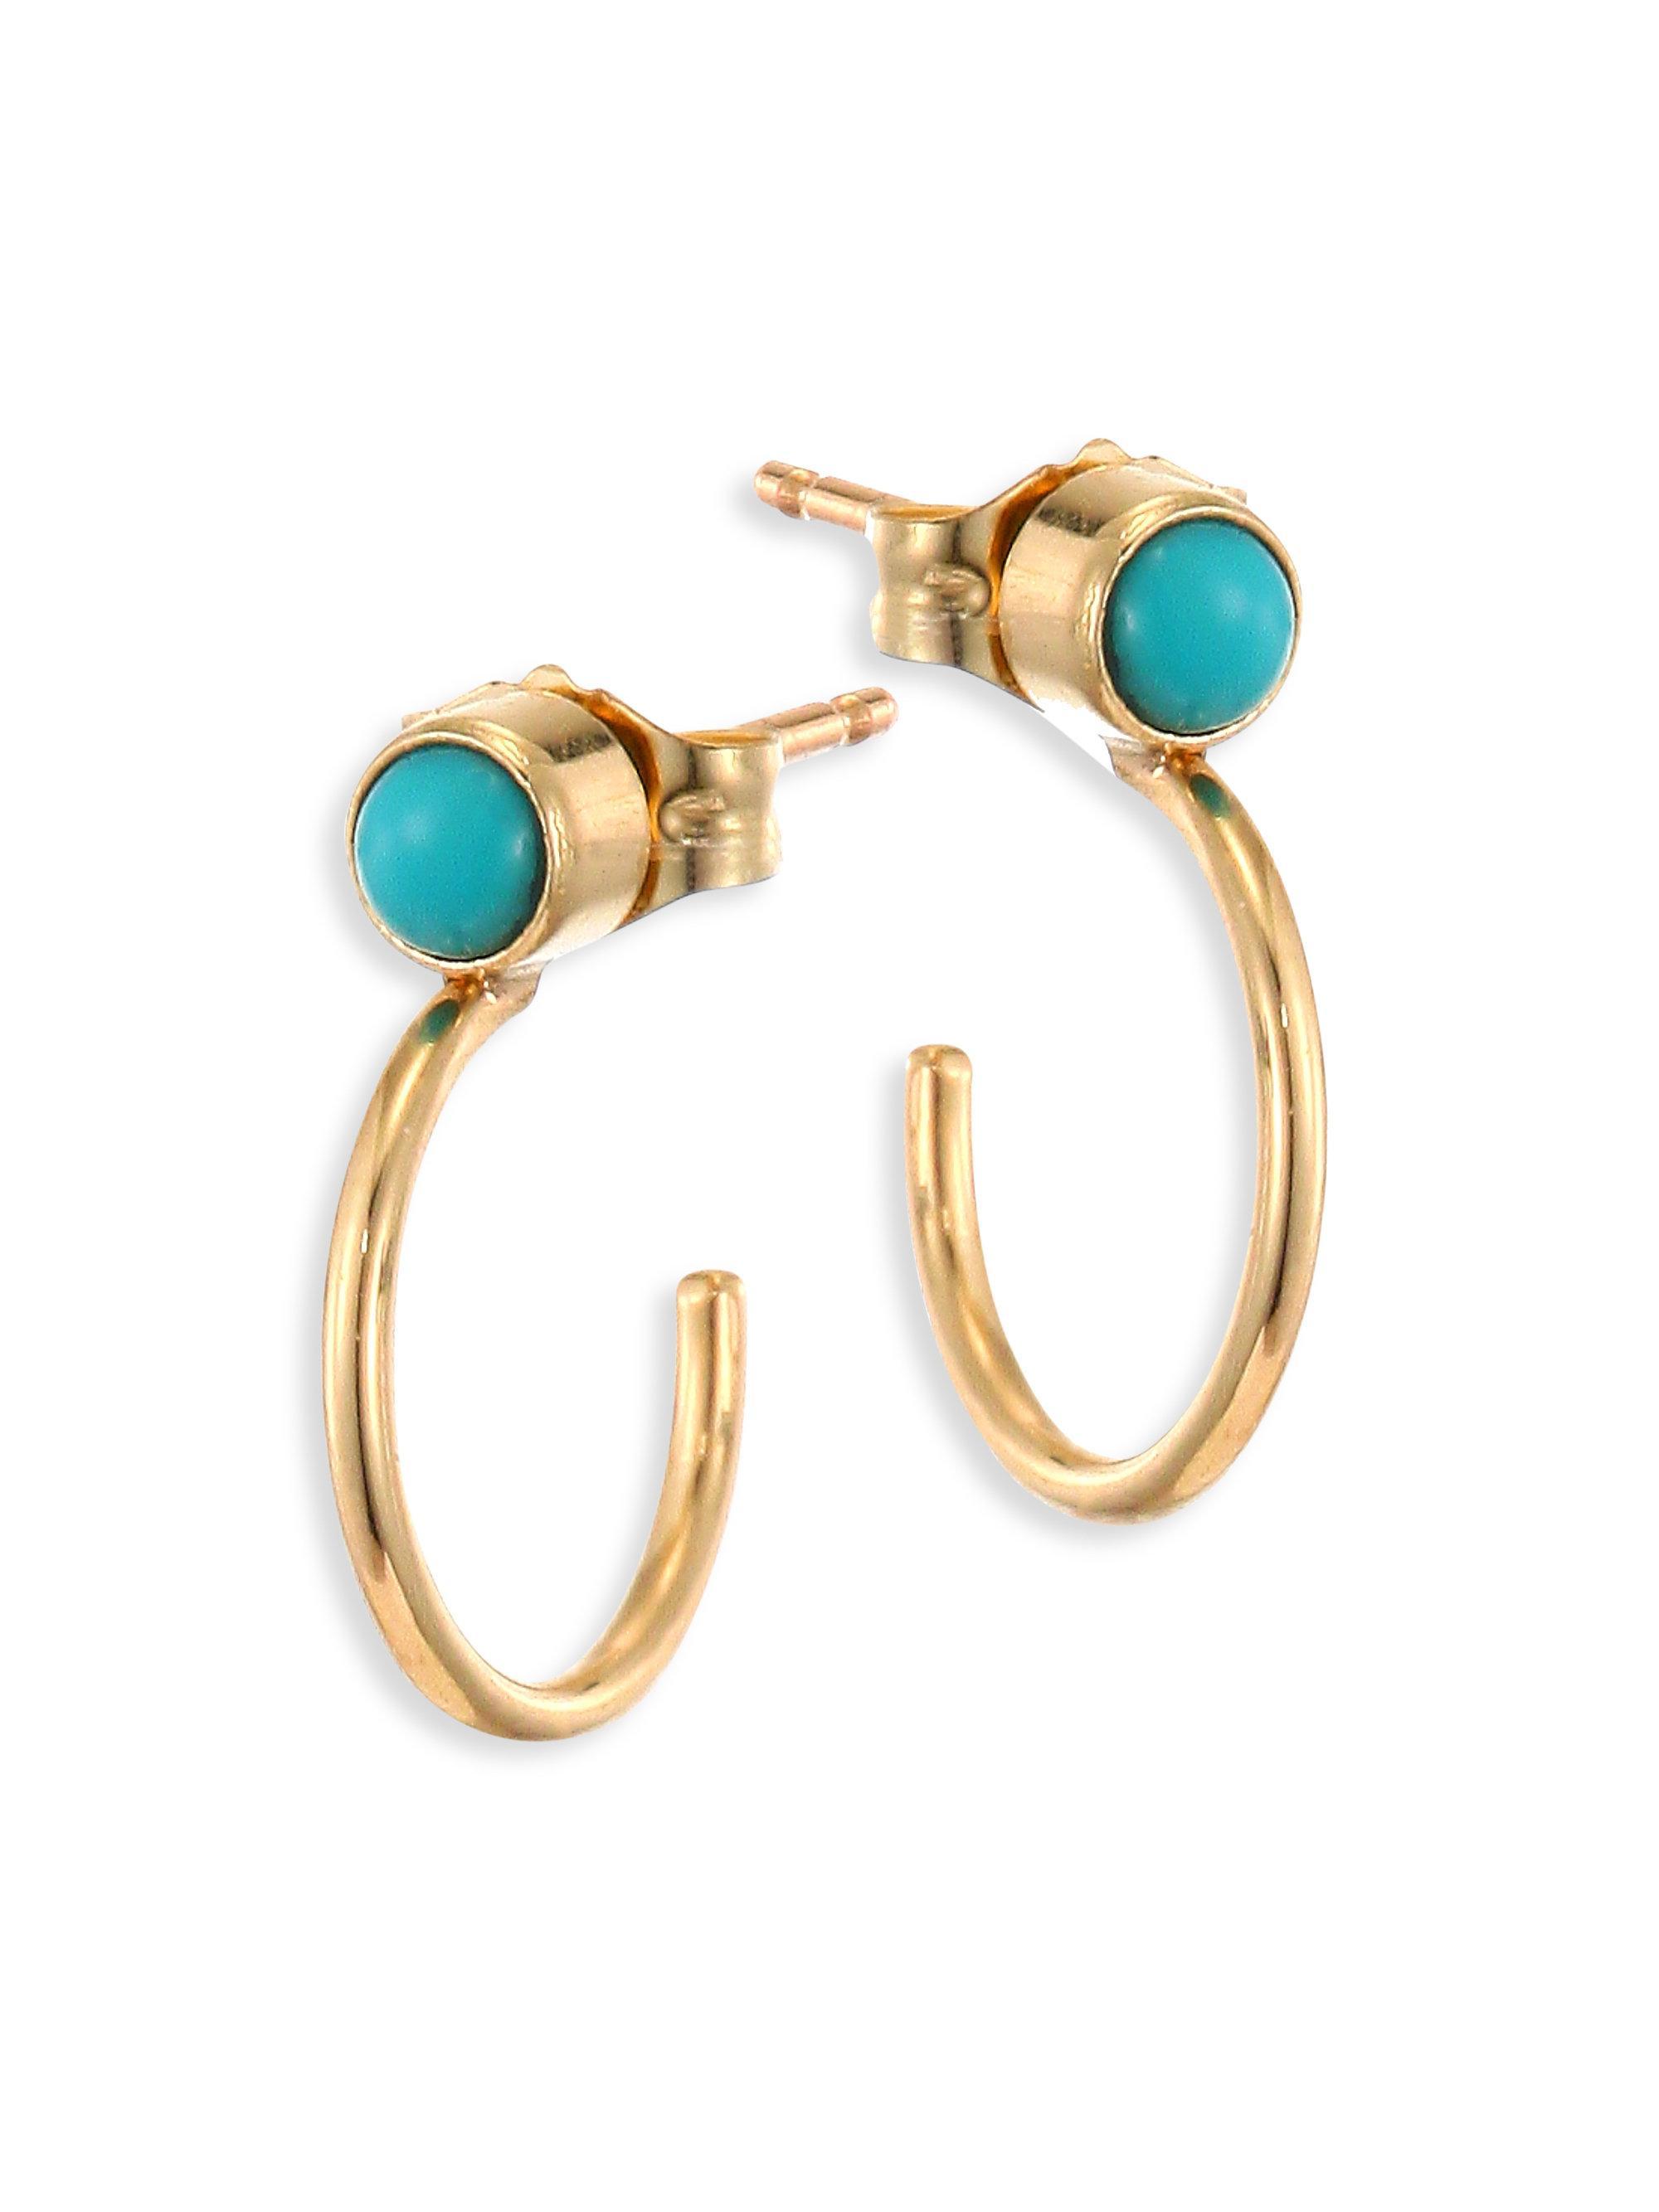 Zoe Chicco Women S Metallic Turquoise 14k Yellow Gold Thin Huggie Hoop Earrings